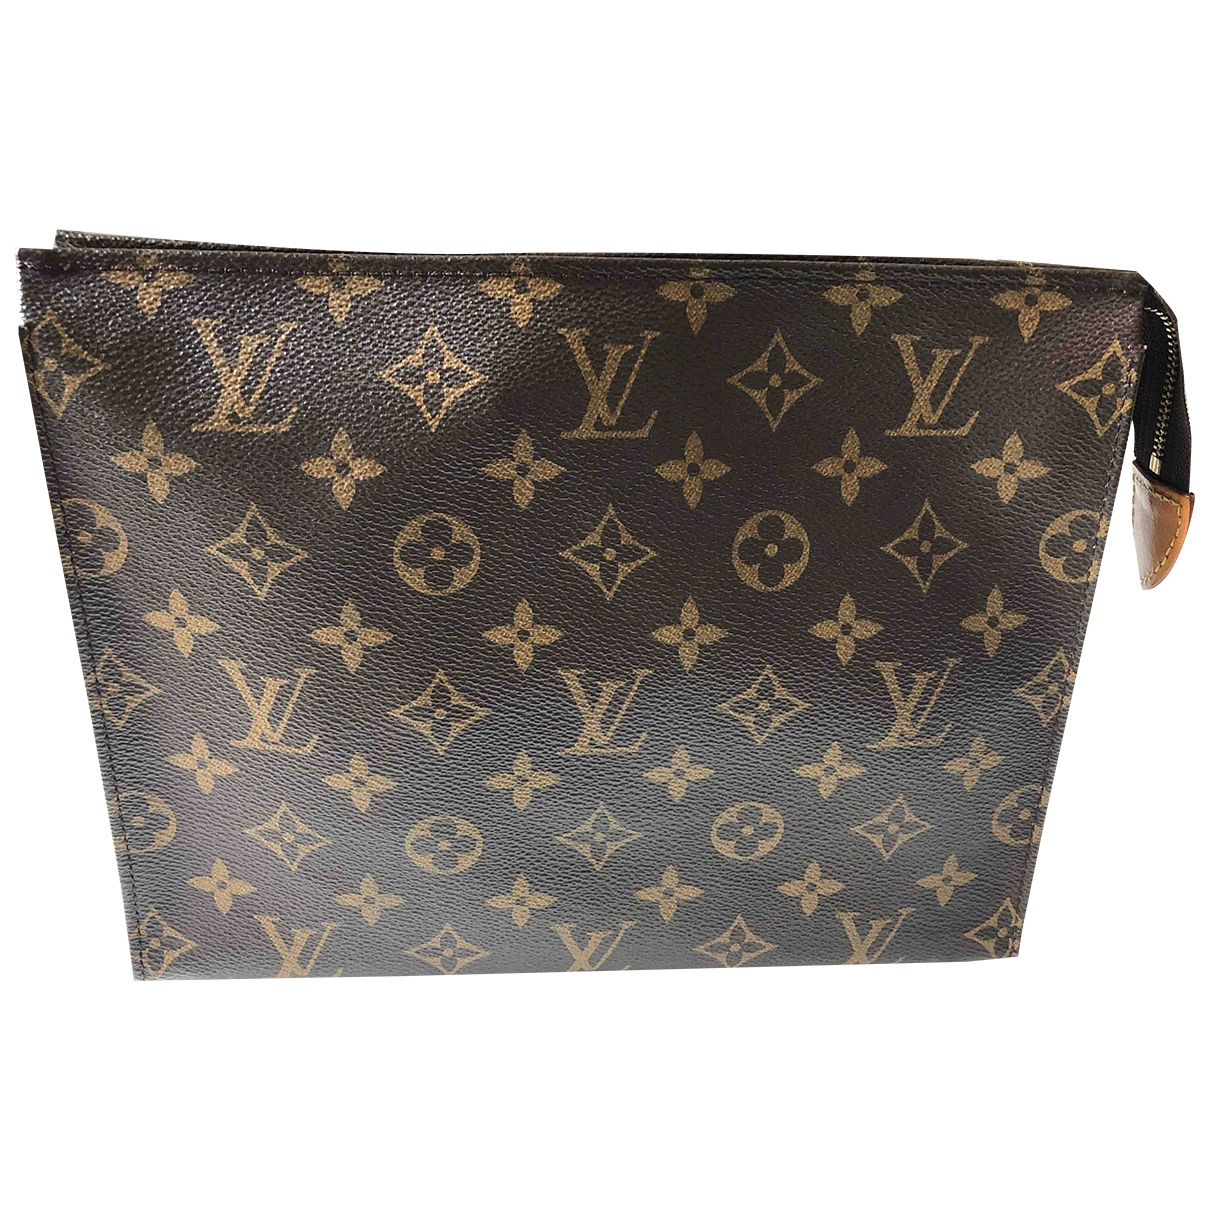 Louis Vuitton - Pochette Multi Pochette Access pour femme en toile - marron